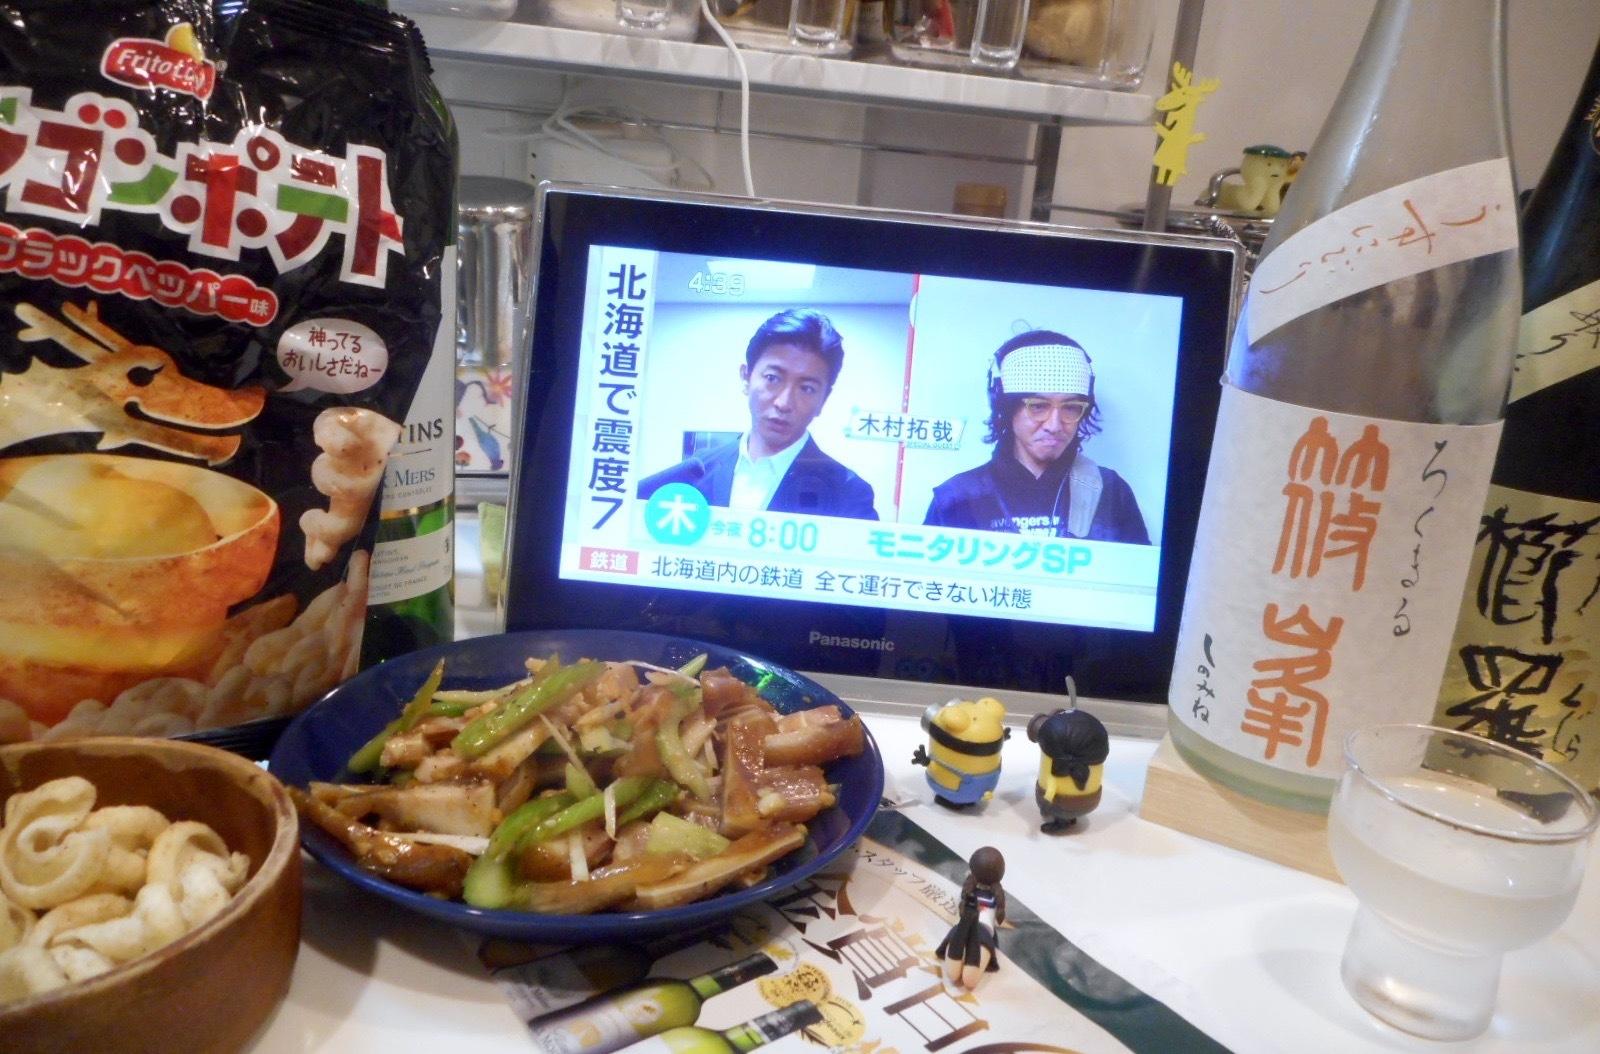 rokumaru_hattan_nigori29by2_14.jpg